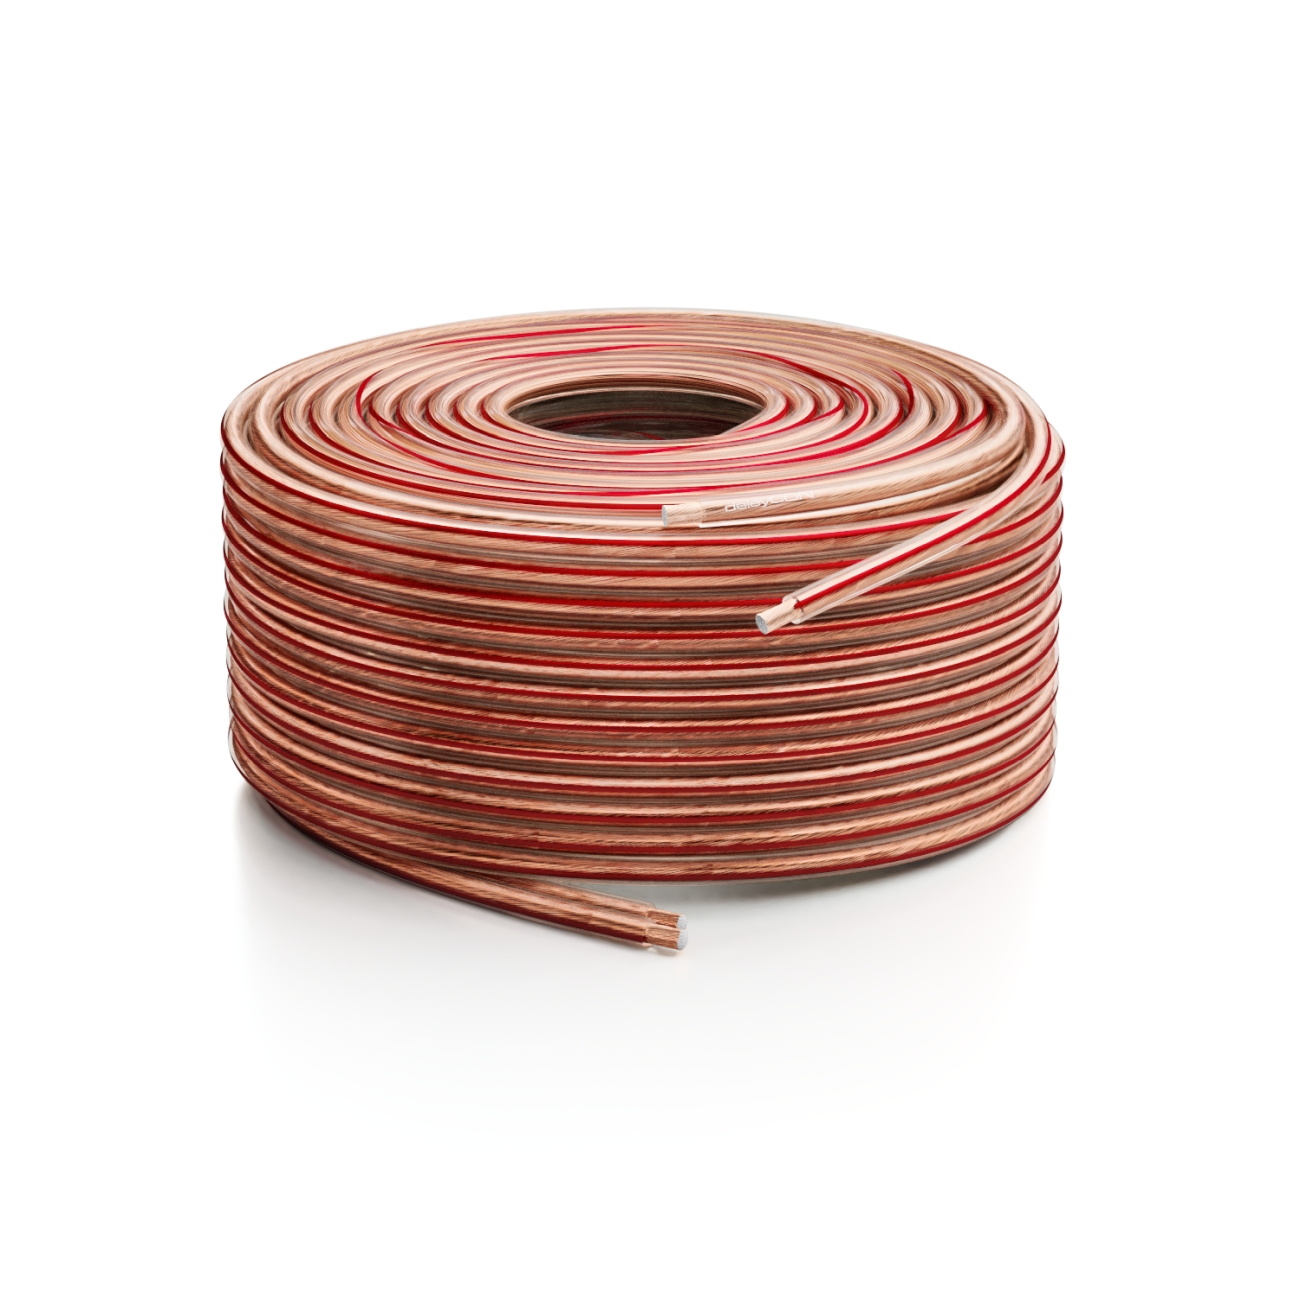 deleyCON 10m Lautsprecherkabel 2x2,5mm² Kupfer Boxenkabel Lautsprecher Kabel